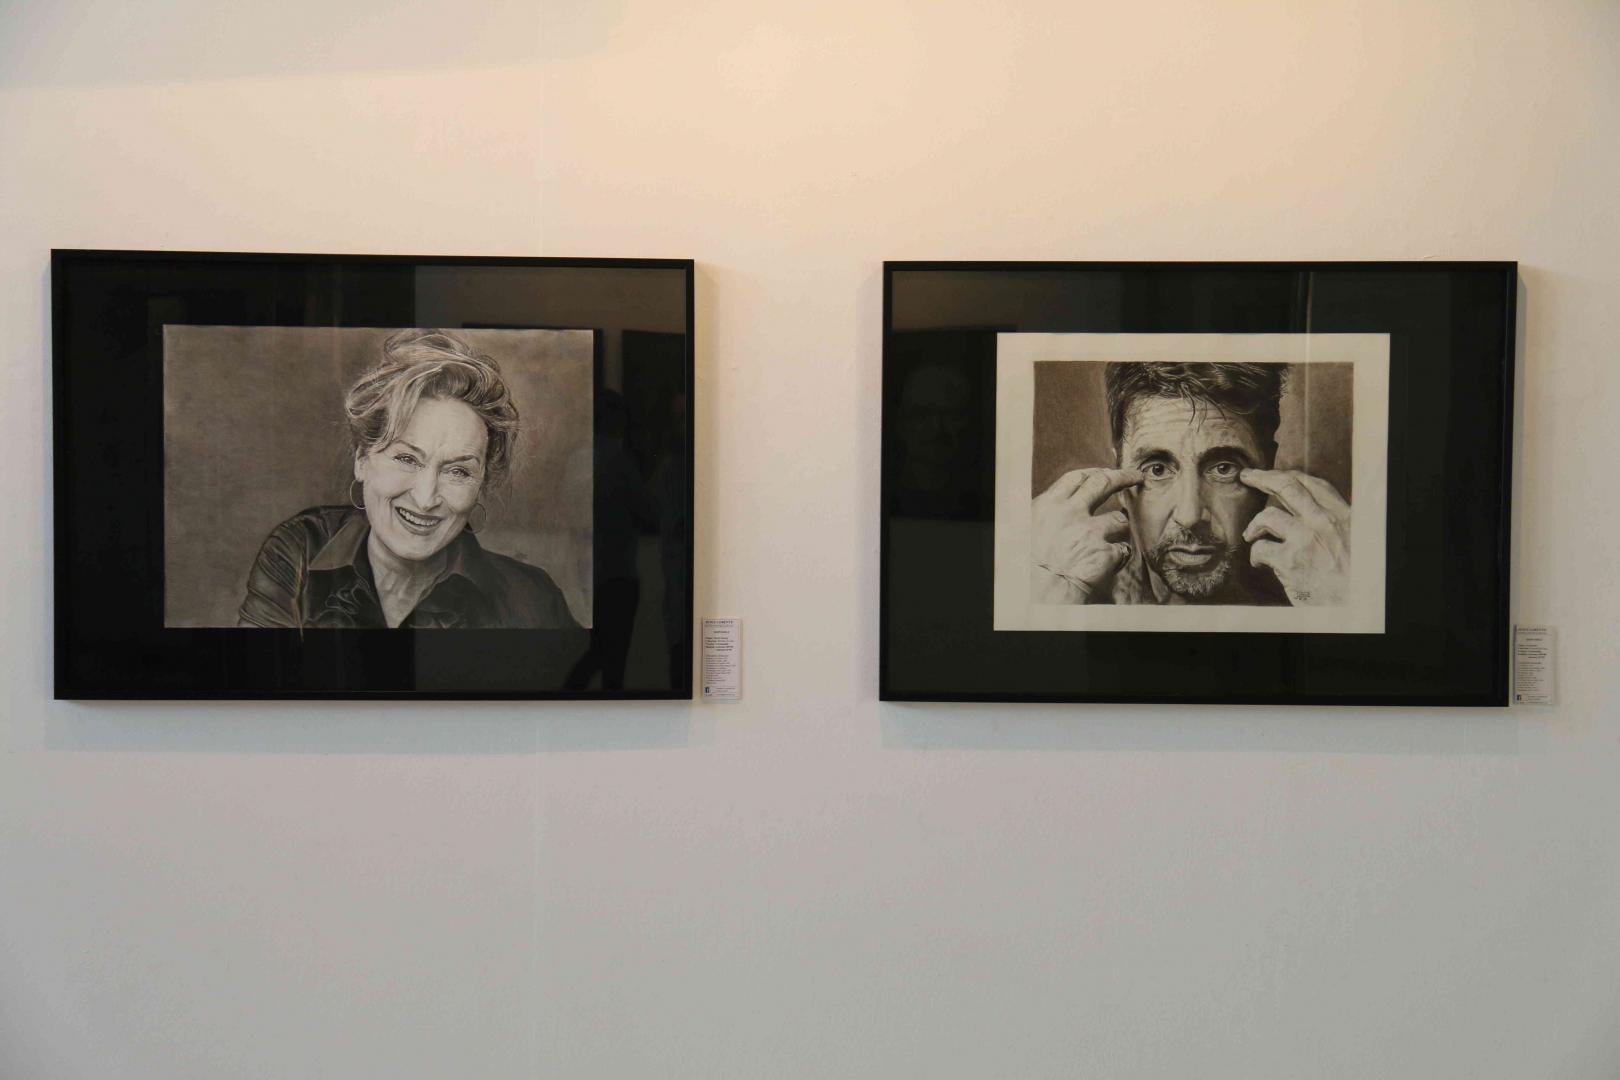 Exposición Retratos de Cine, de Jesús Lorente en el Museo Oliver